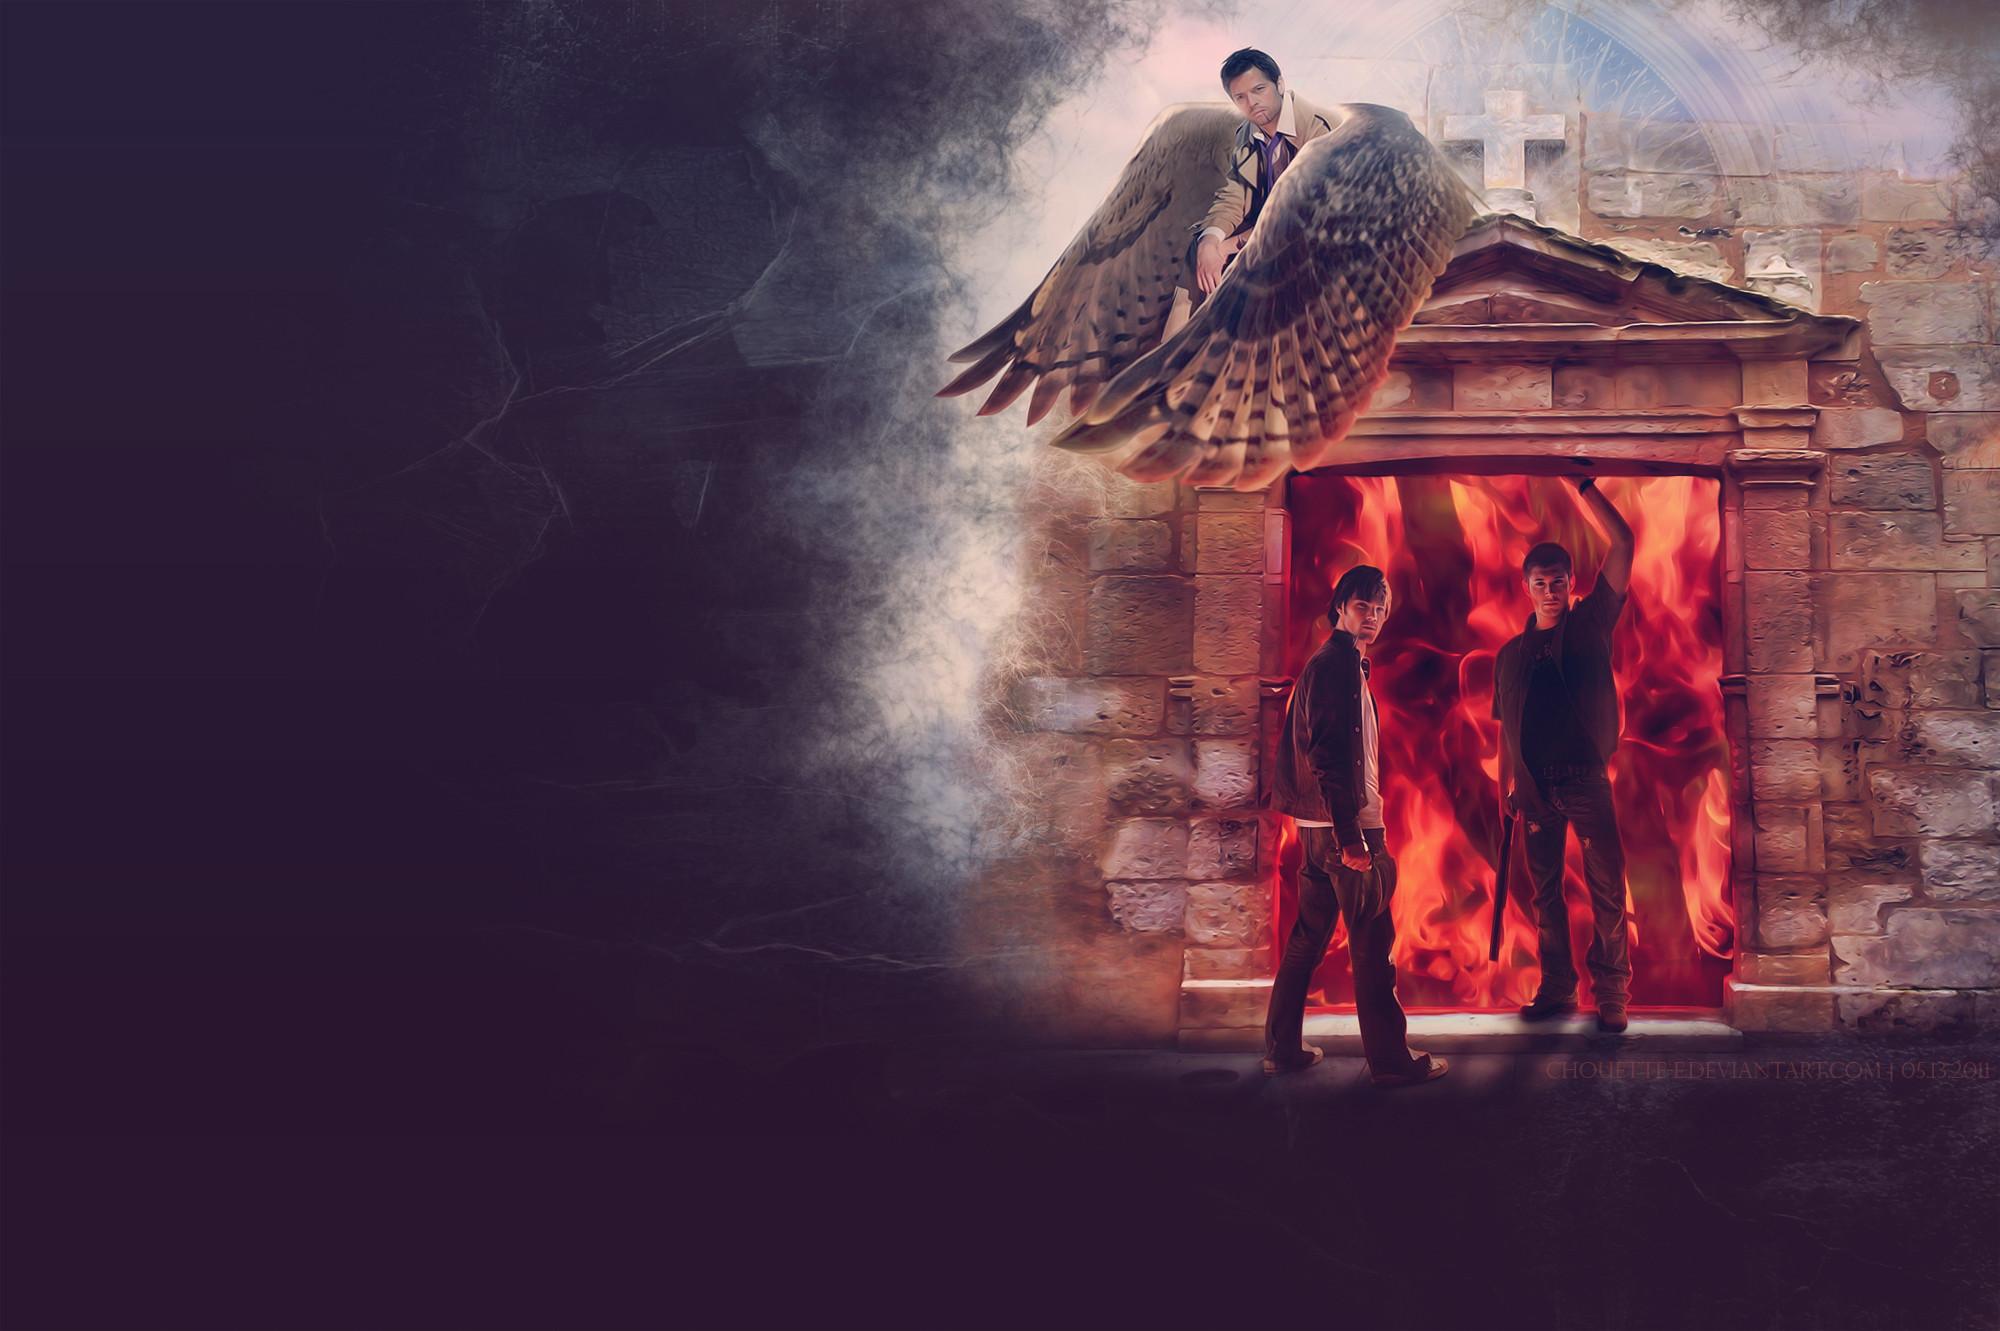 Supernatural | Supernatural | Pinterest | Dean o'gorman, Cas and Jared  padalecki